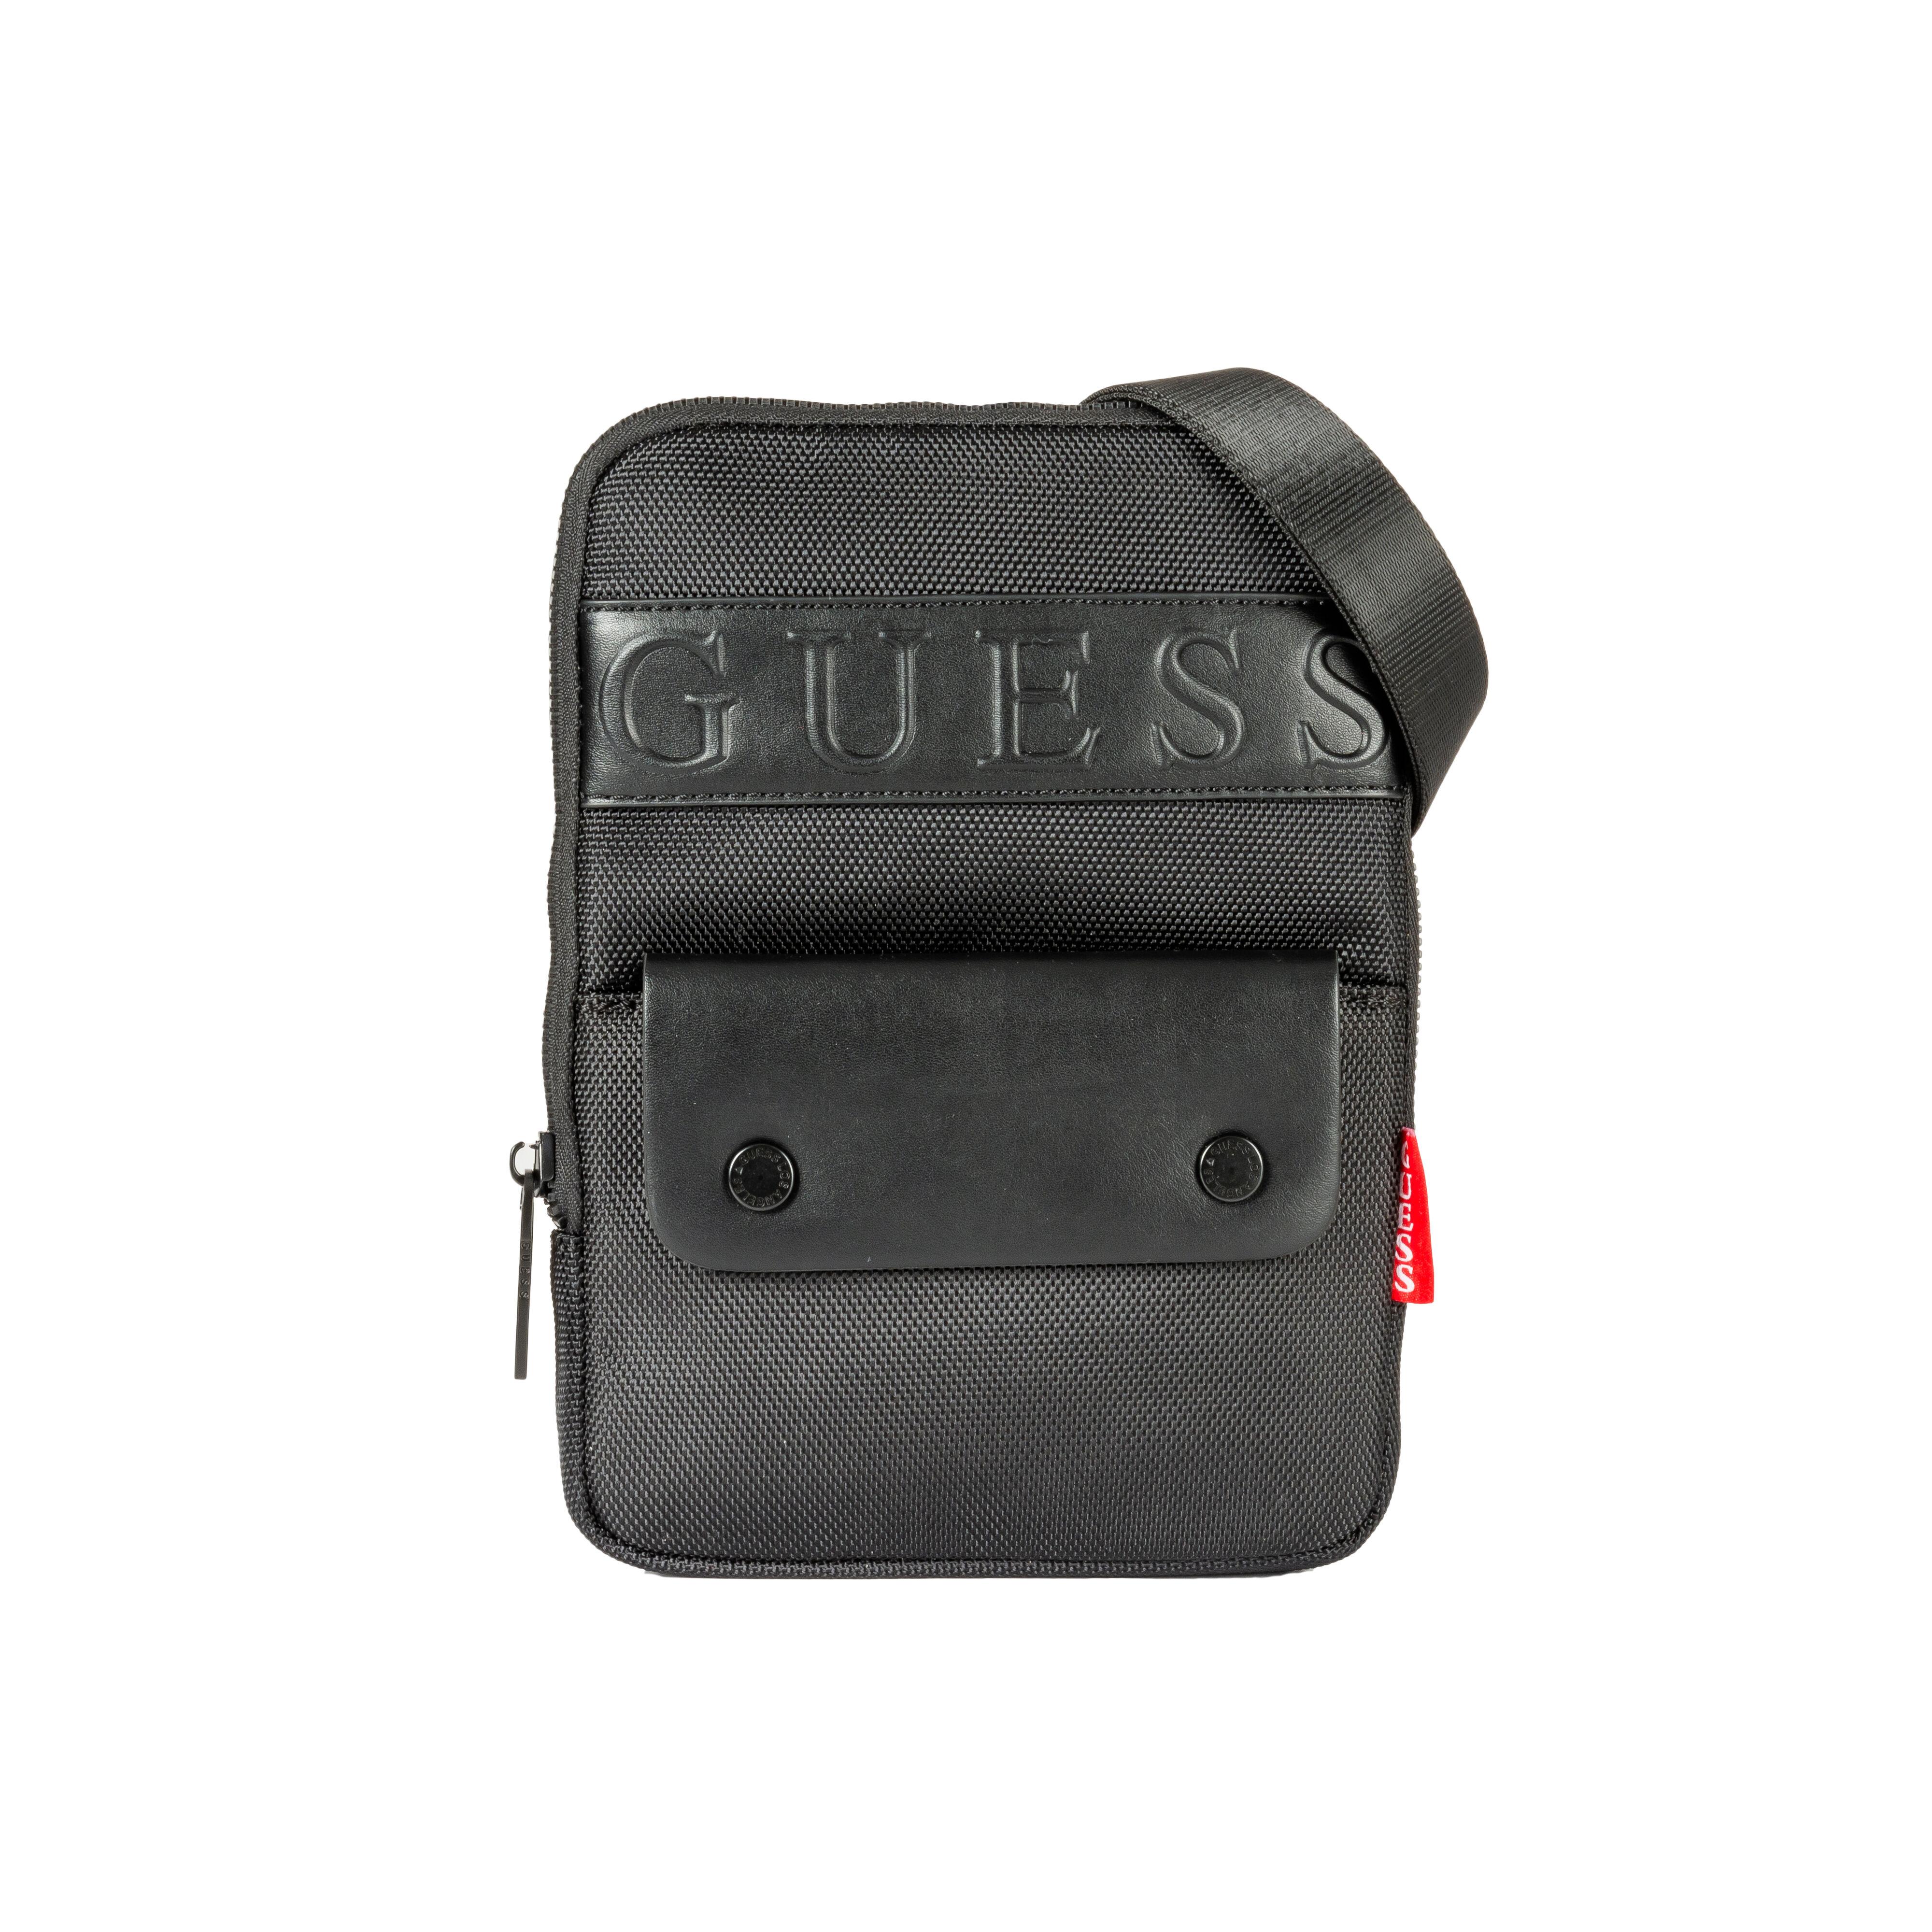 Guess Accessoires Sacoche à bandoulière Guess plate noire texturée - NOIR -